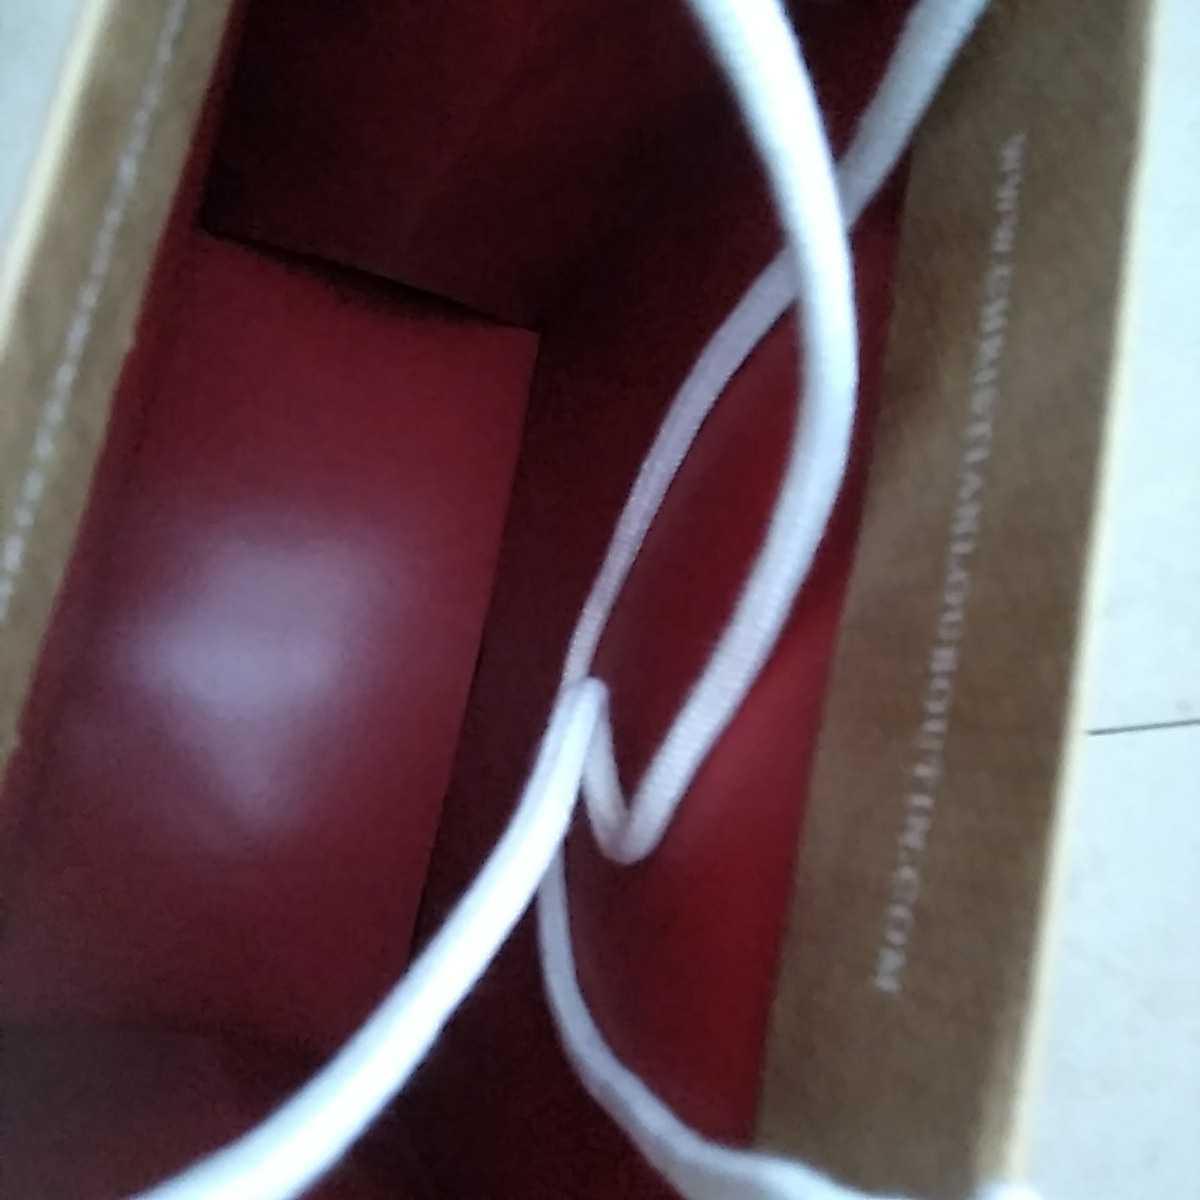 ☆新品☆ルブタンの紙袋☆サイズ小☆クリスチャンルブタン☆自宅保管品_画像9